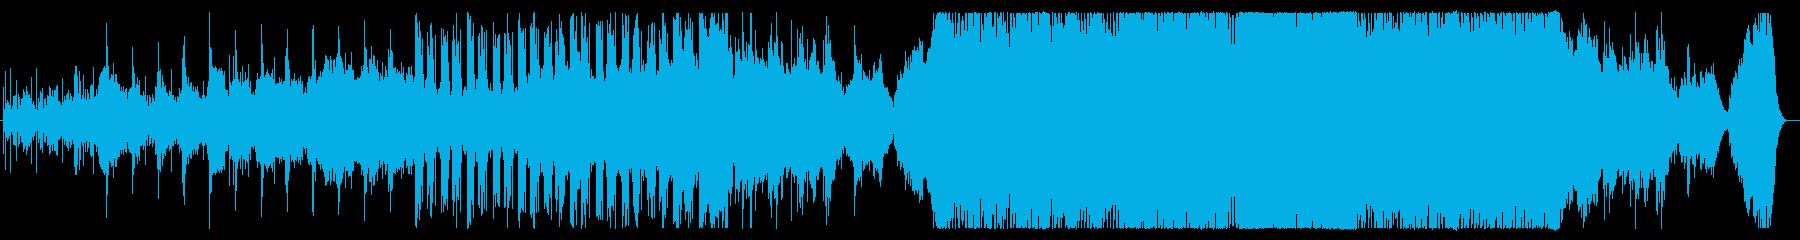 現代的なハイブリッドオーケストラサウンドの再生済みの波形